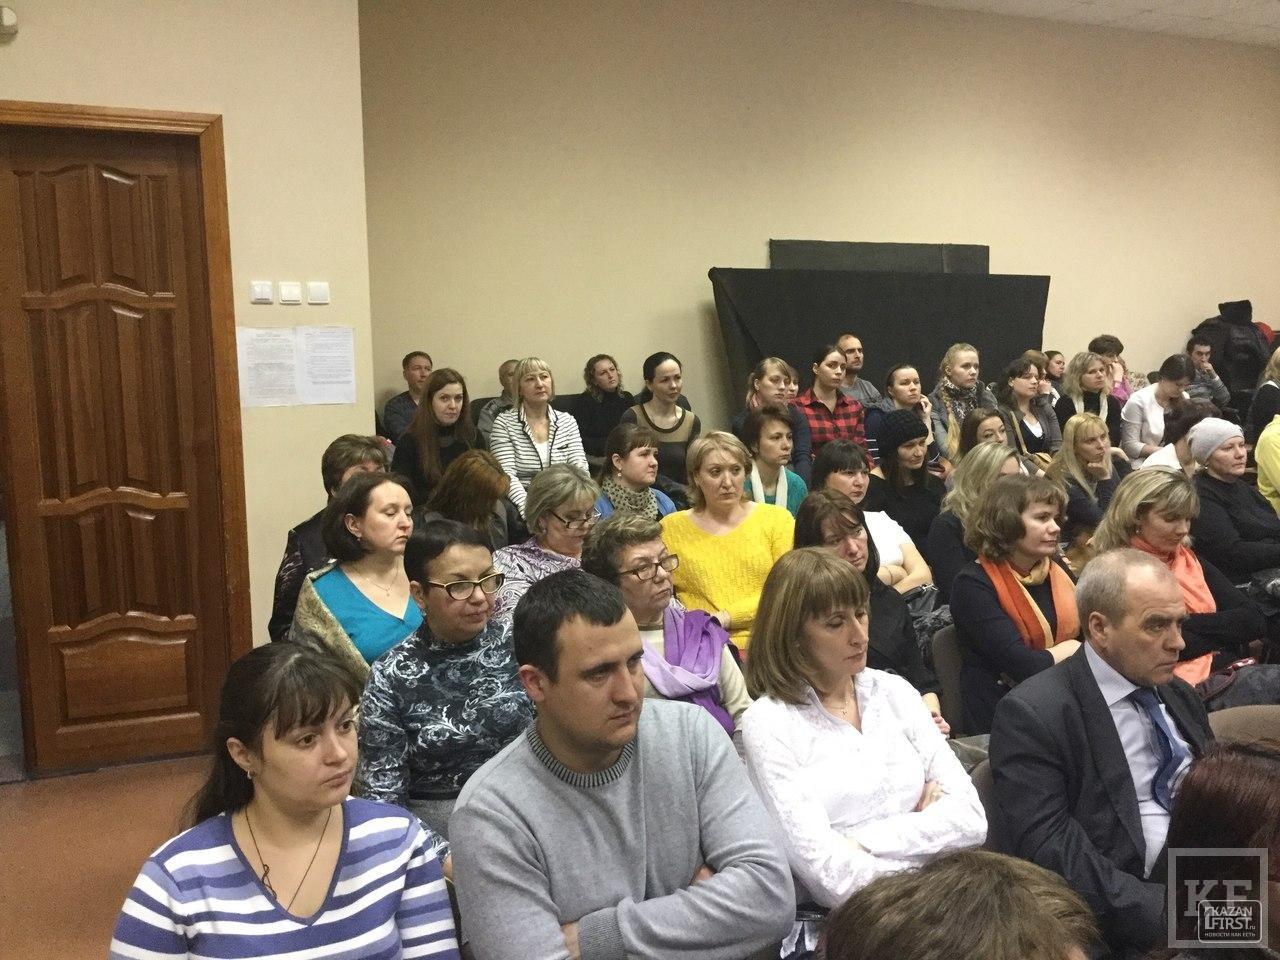 Диалог не получился. Избиратели на встрече не задали ни одного вопроса секретарю Казанской гордумы Людмиле Андреевой